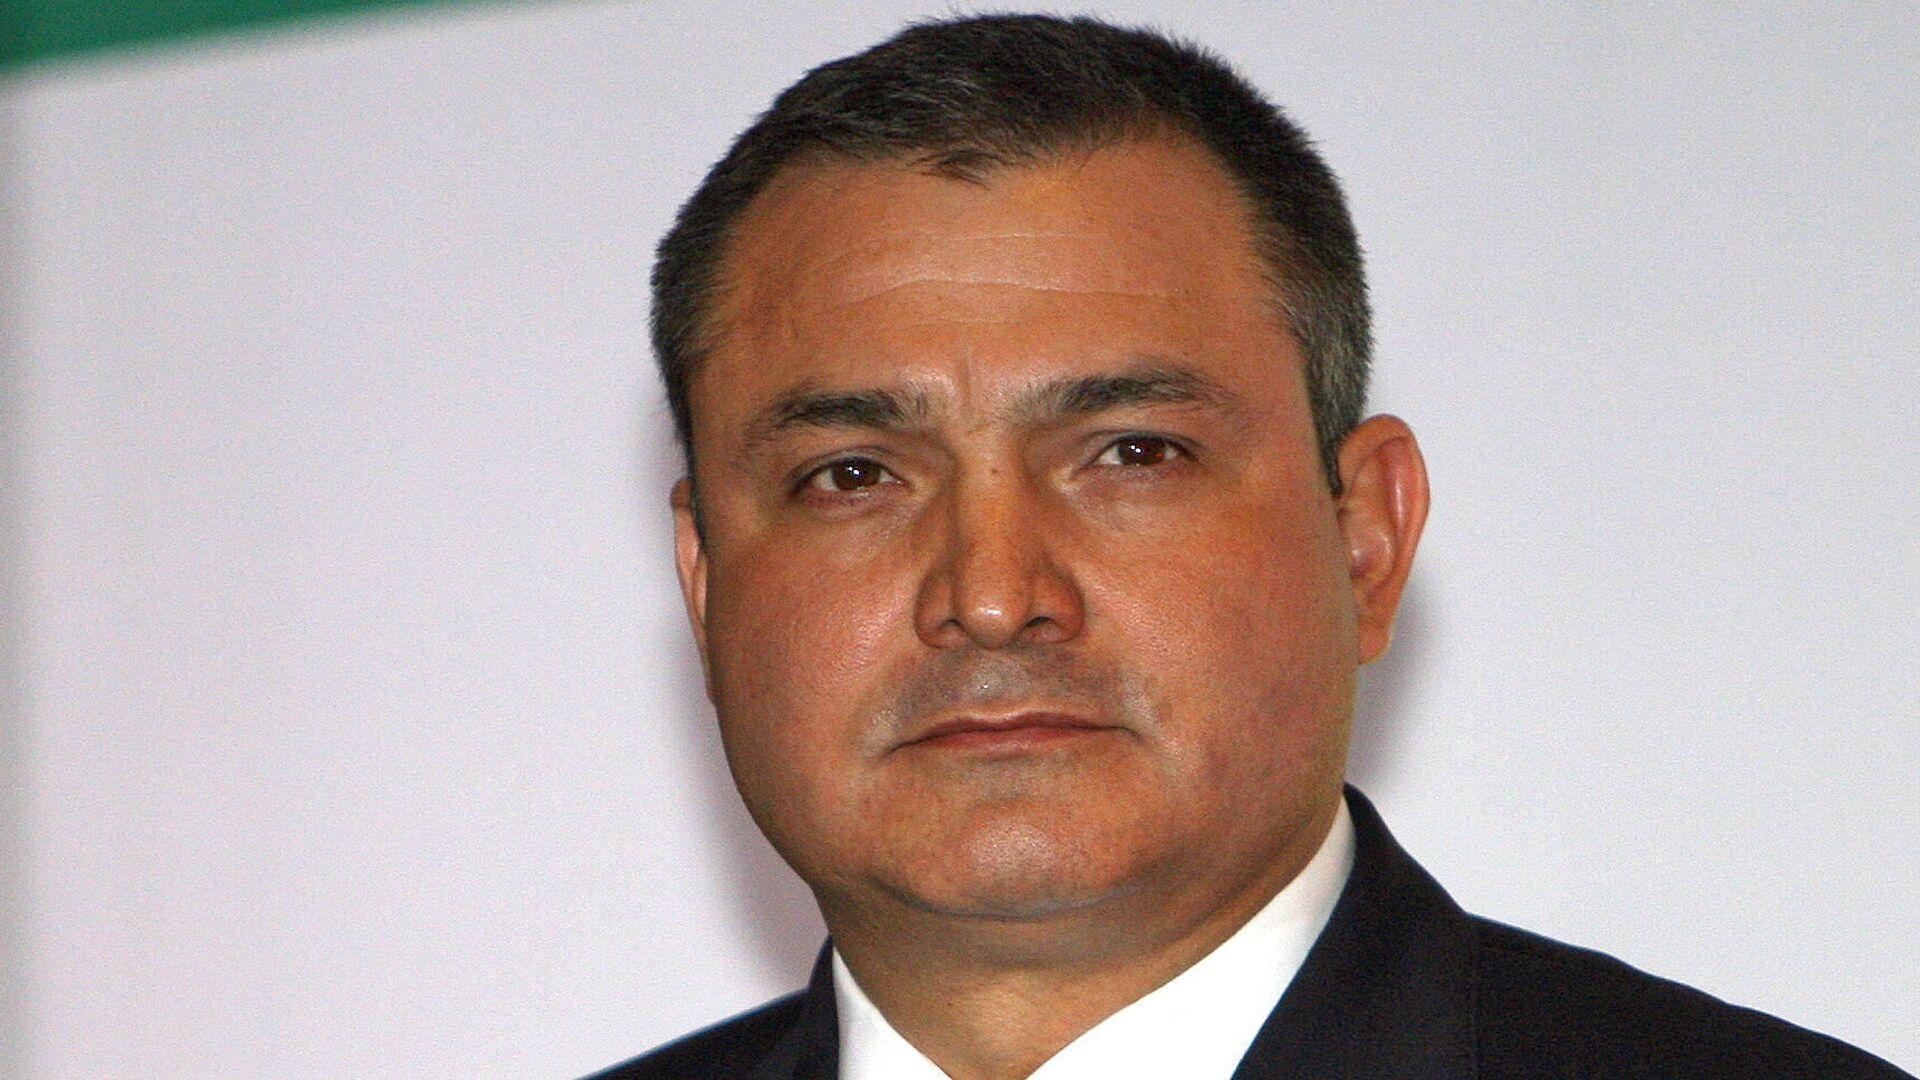 Genaro Garcia Luna, exsecretario de Seguridad Pública - Sputnik Mundo, 1920, 21.09.2021